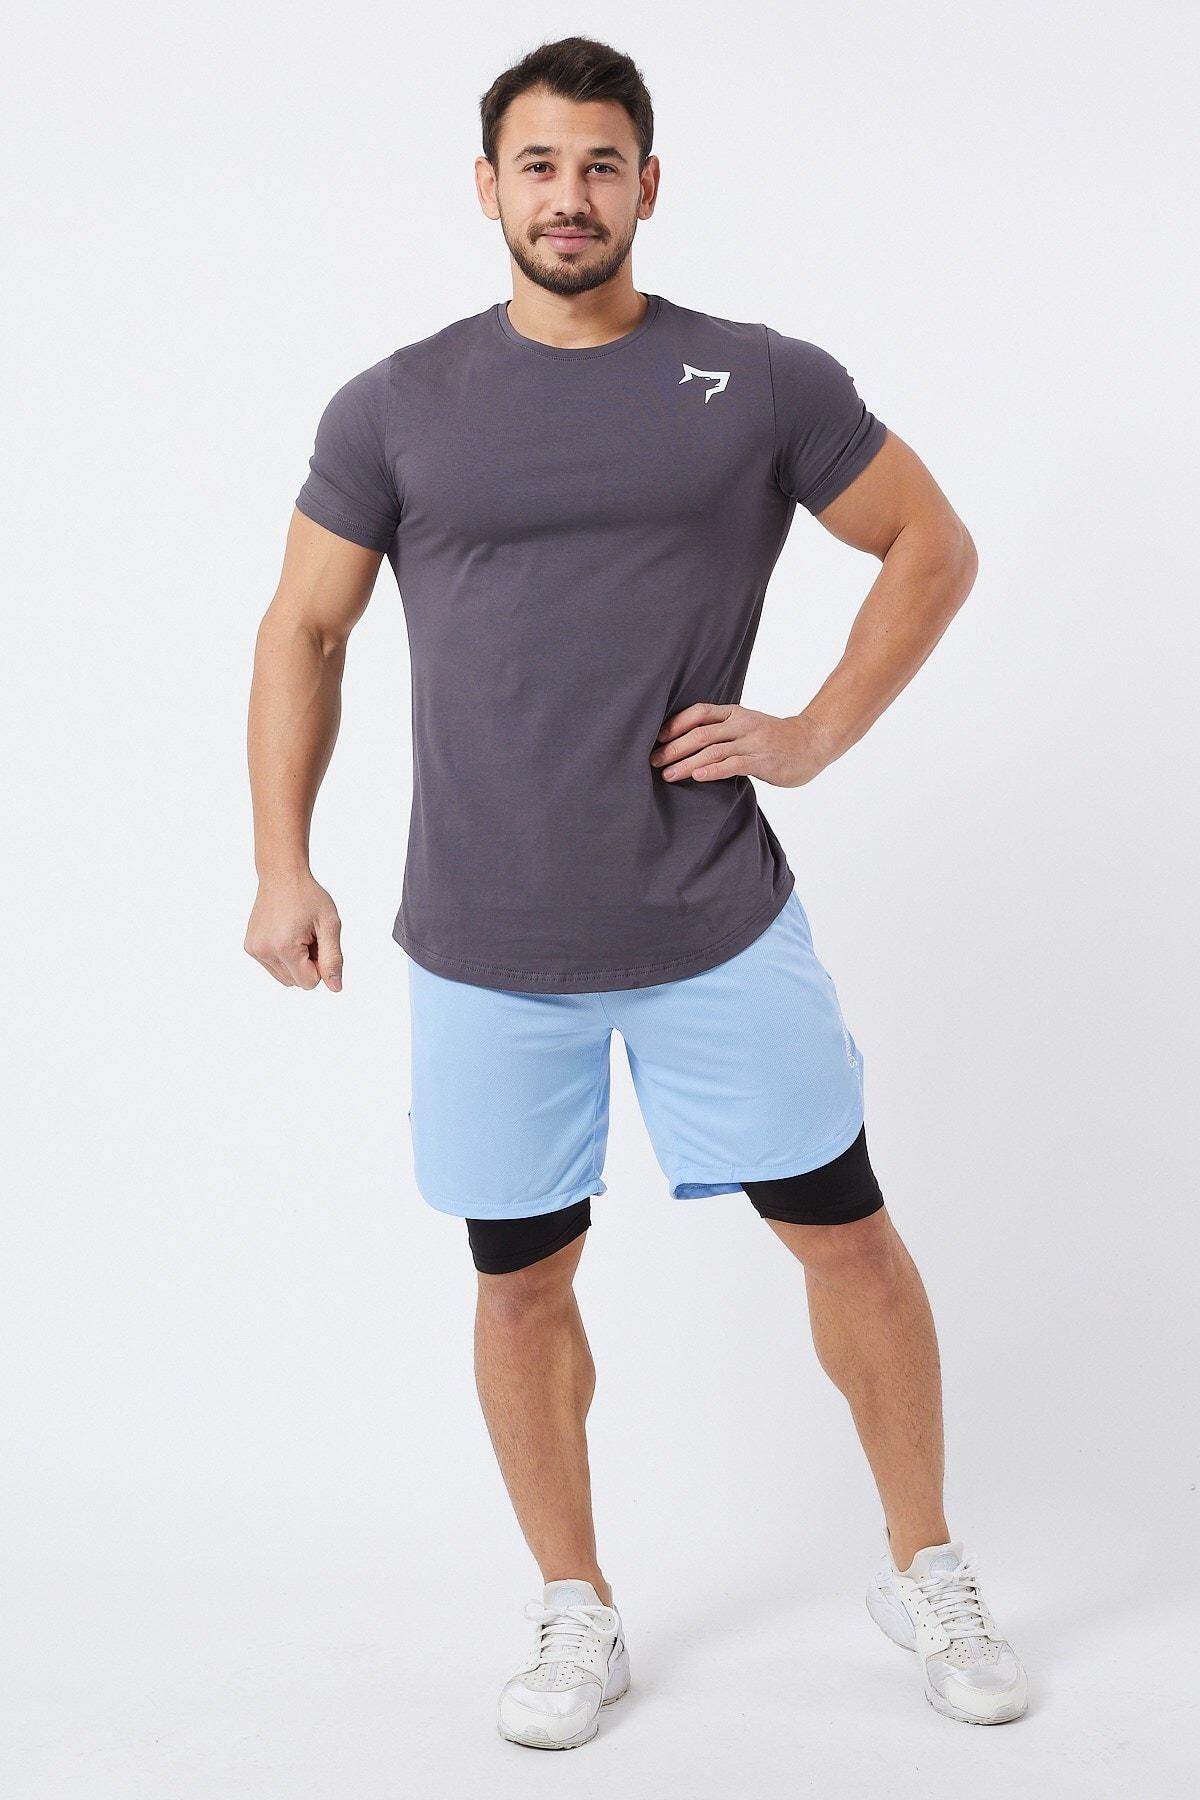 Gymwolves Spor Erkek T-Shirt | Füme | T-shirt | Workout Tanktop | 2